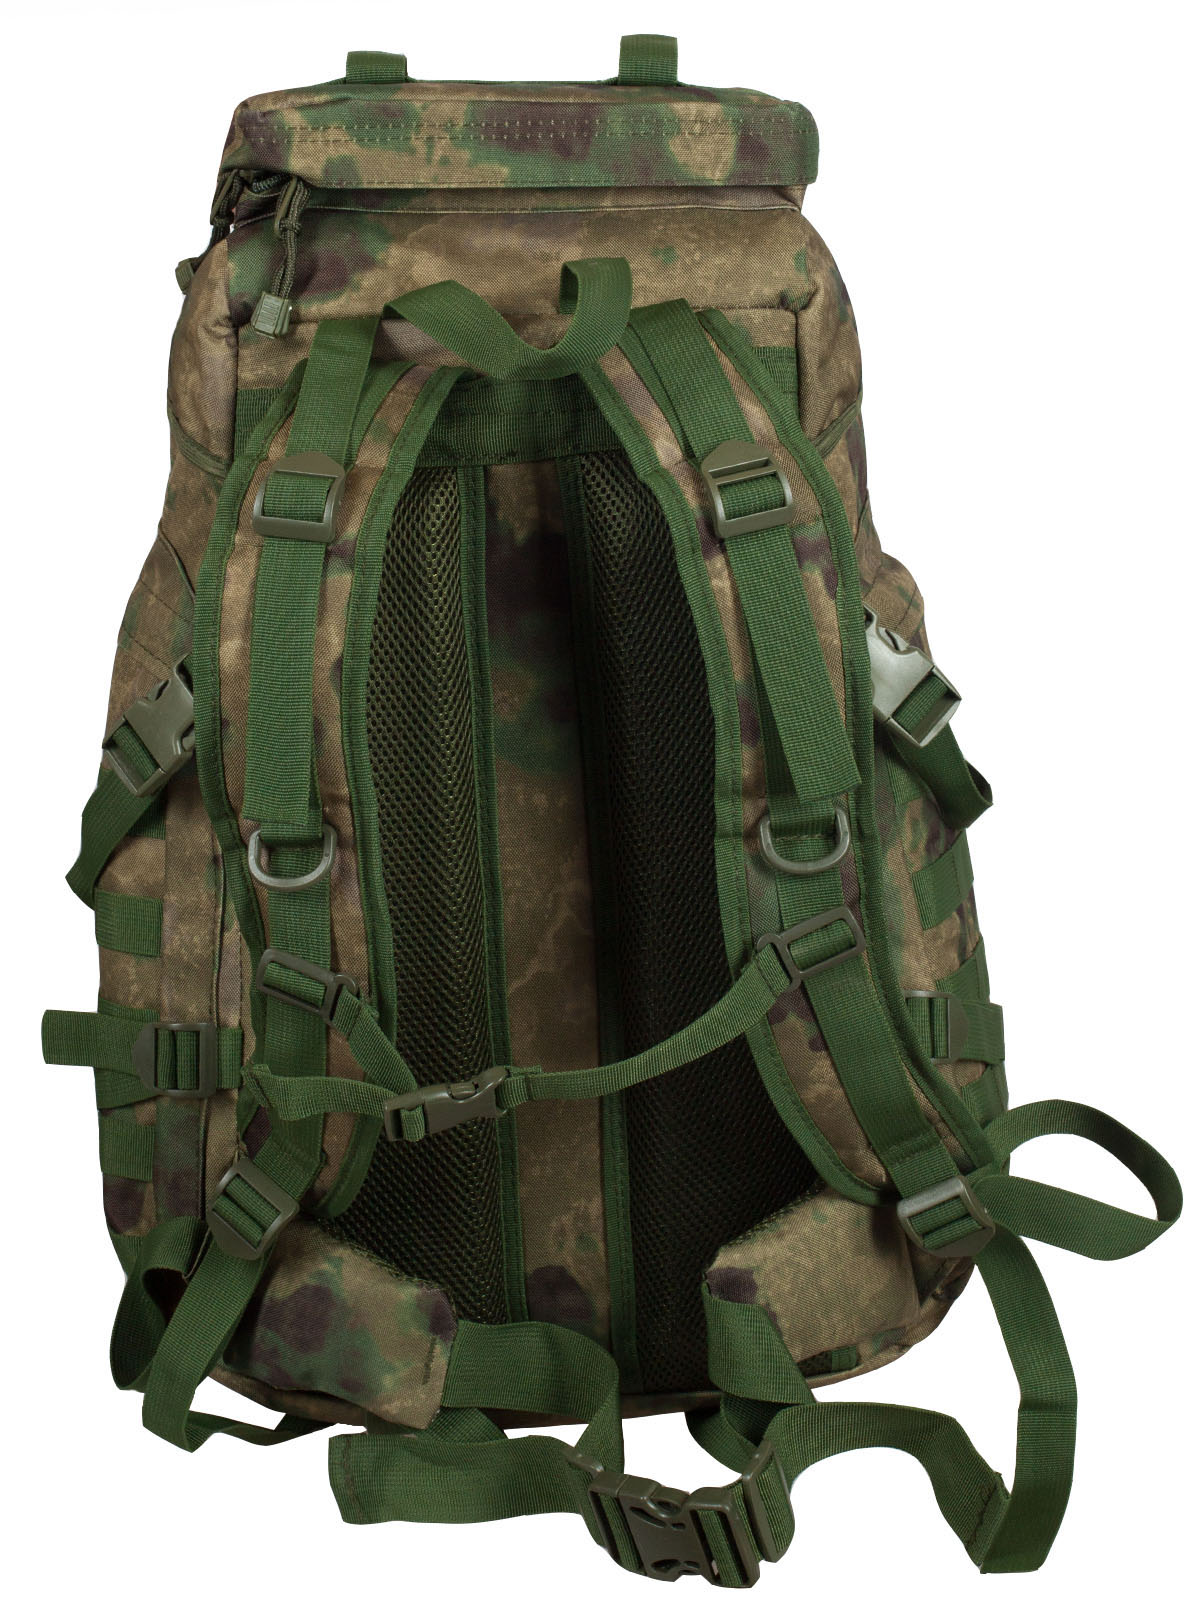 Рейдовый заплечный рюкзак MultiCam A-TACS FG Погранвойска - заказать с доставкой